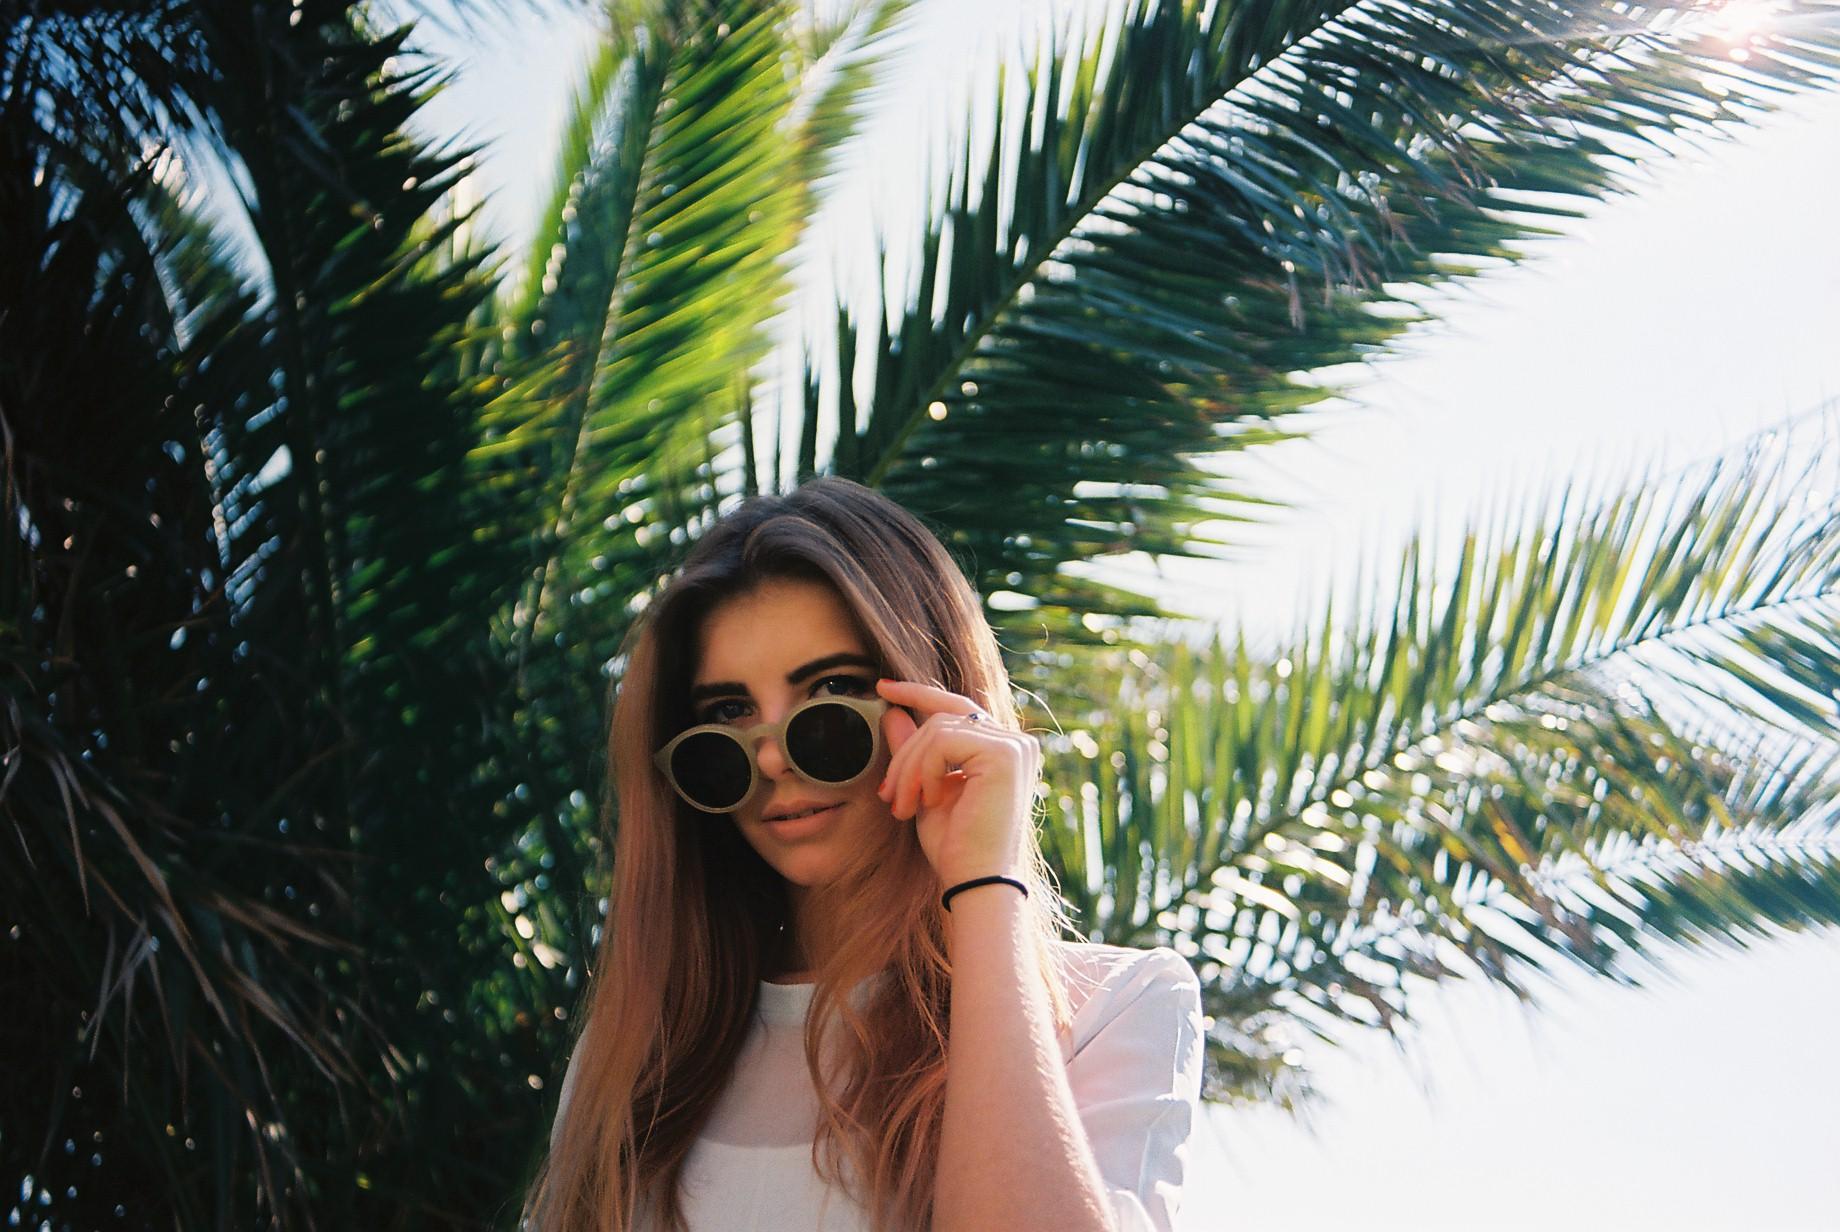 Model  - Lily Woollard